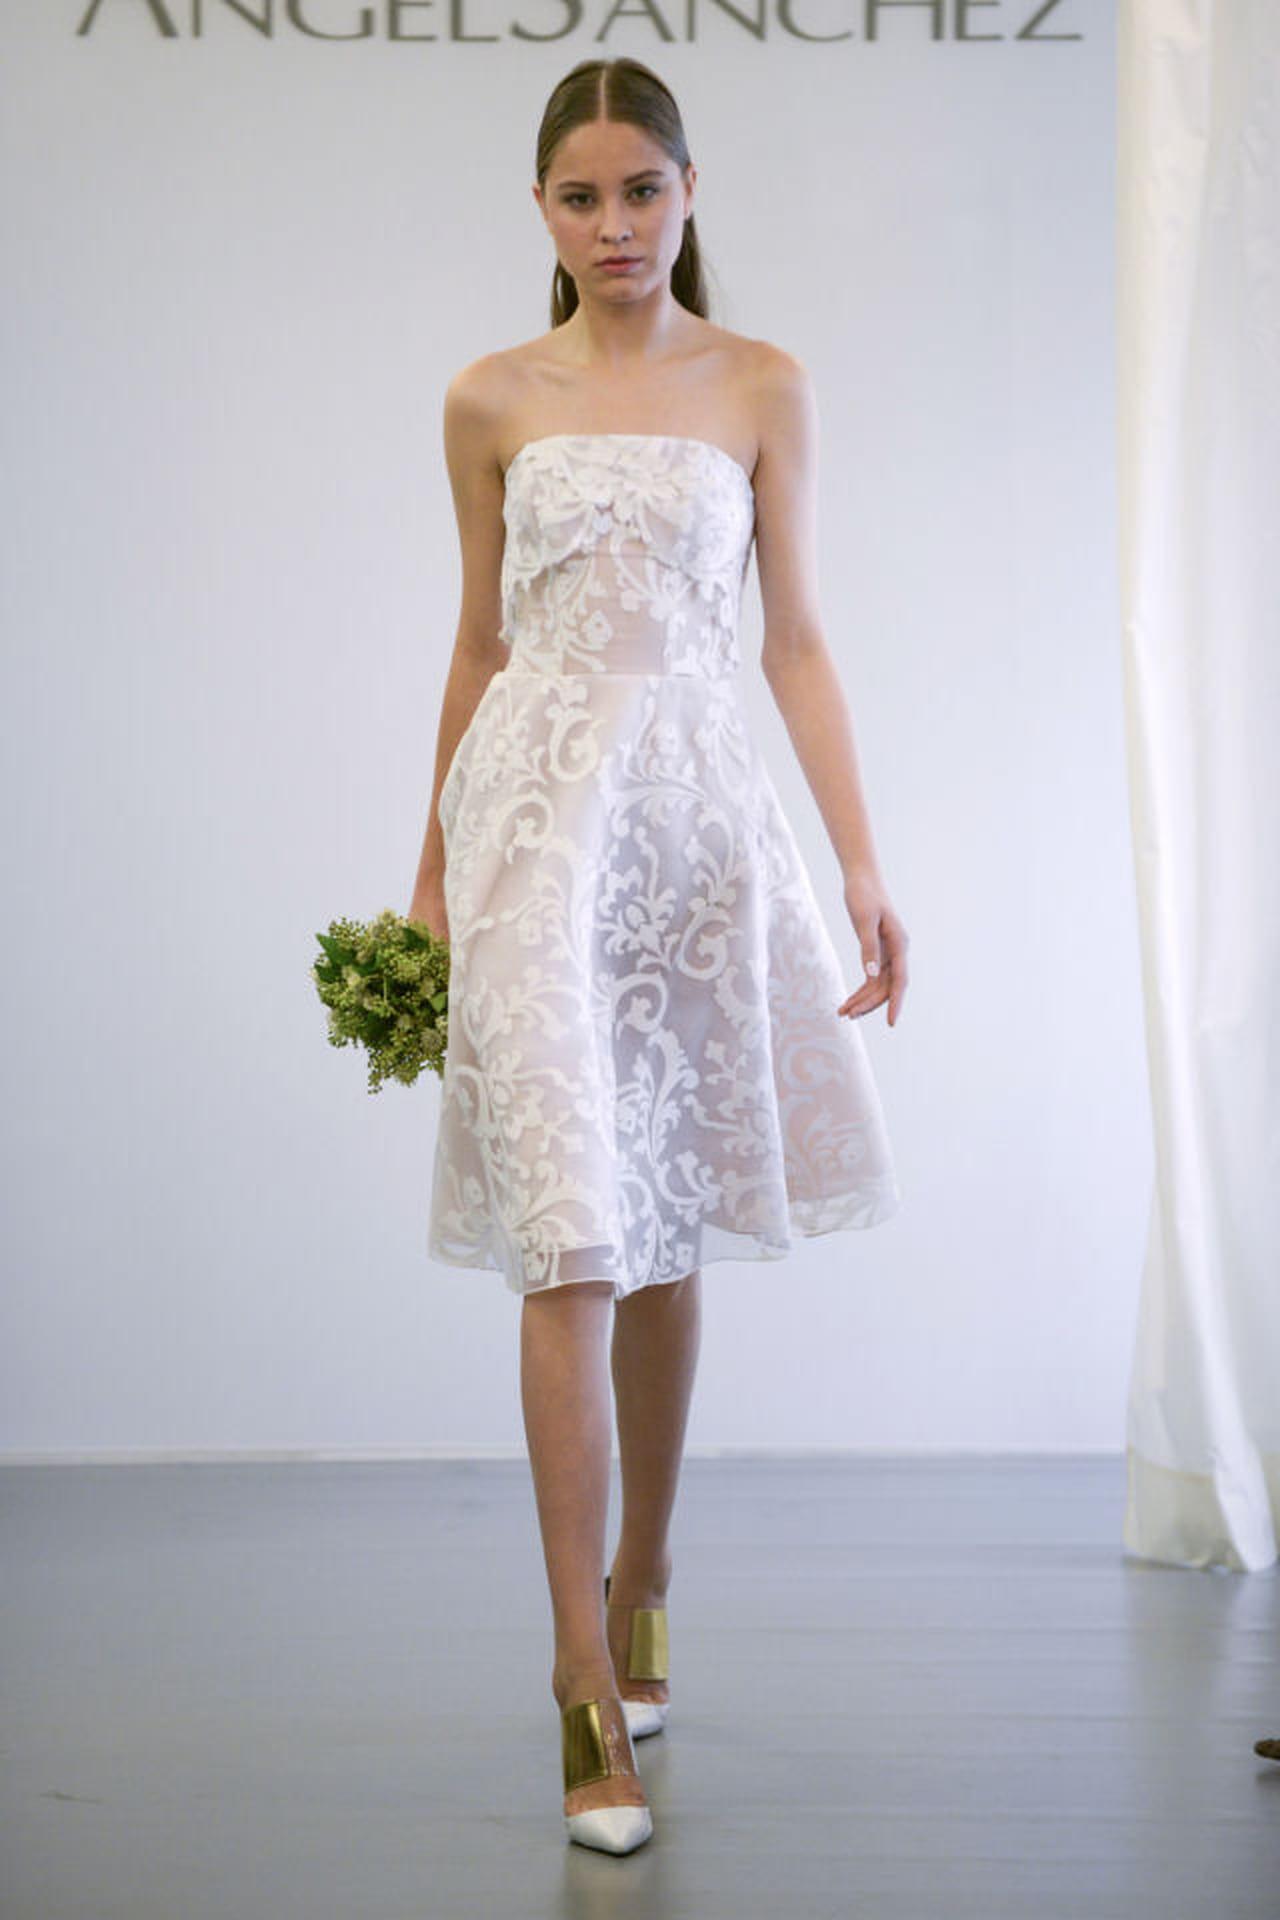 2b3bfb823d2a Abito da sposa estivo. Angel Sanchez propone un abito in stile anni  50 per  l estate dalla silhouette poco voluminosa.